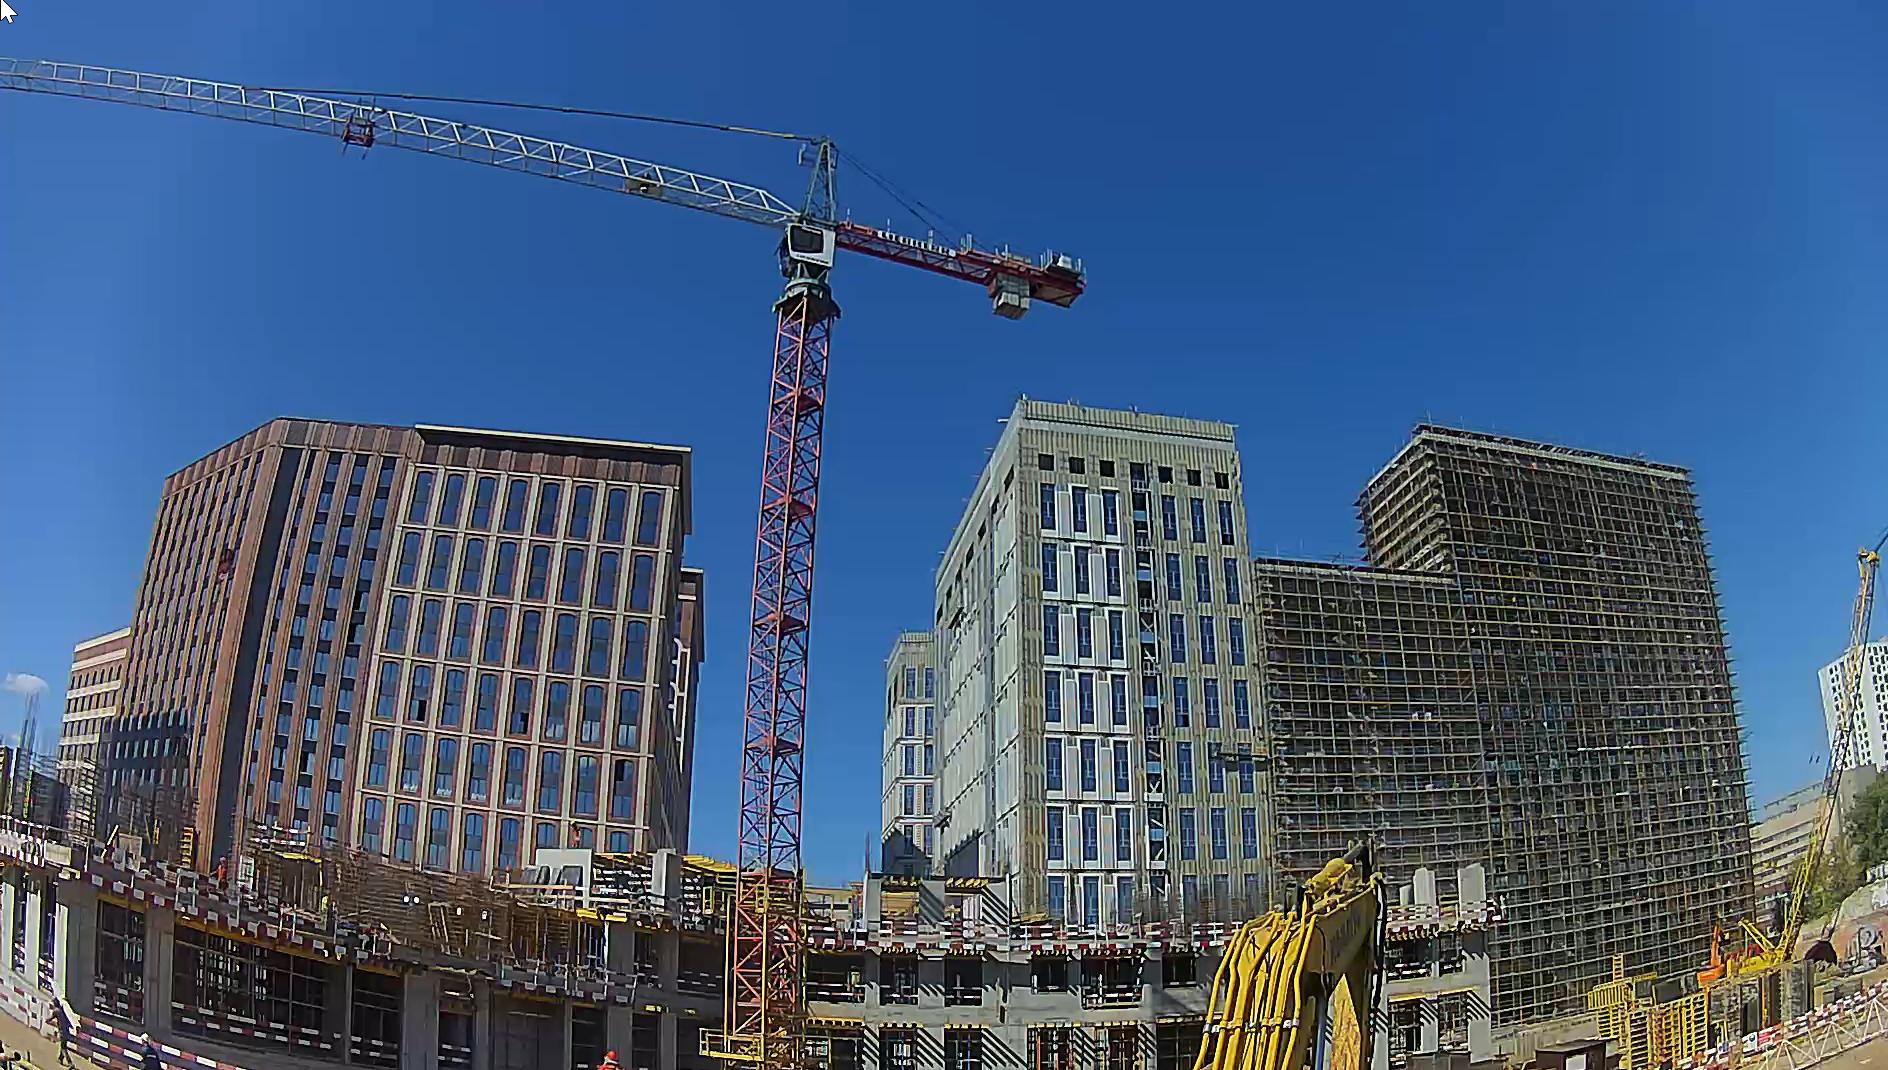 Веб-камеры на площадке строительства ЖК «Серебряный фонтан»  - Страница 25 NGS9Kaci